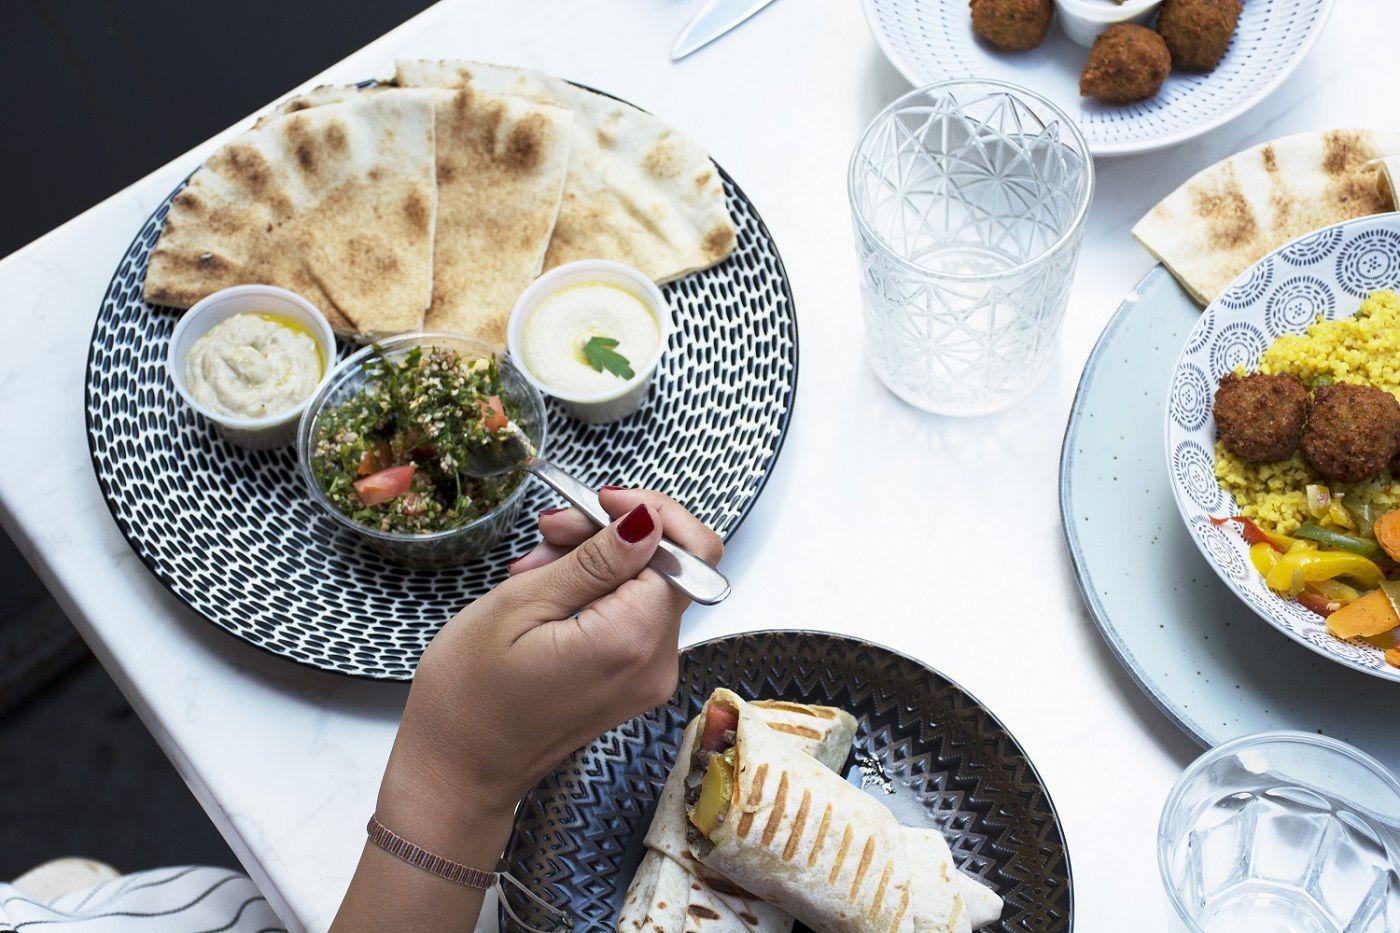 Libshop, restaurant traiteur libanais, livraison à domicile à